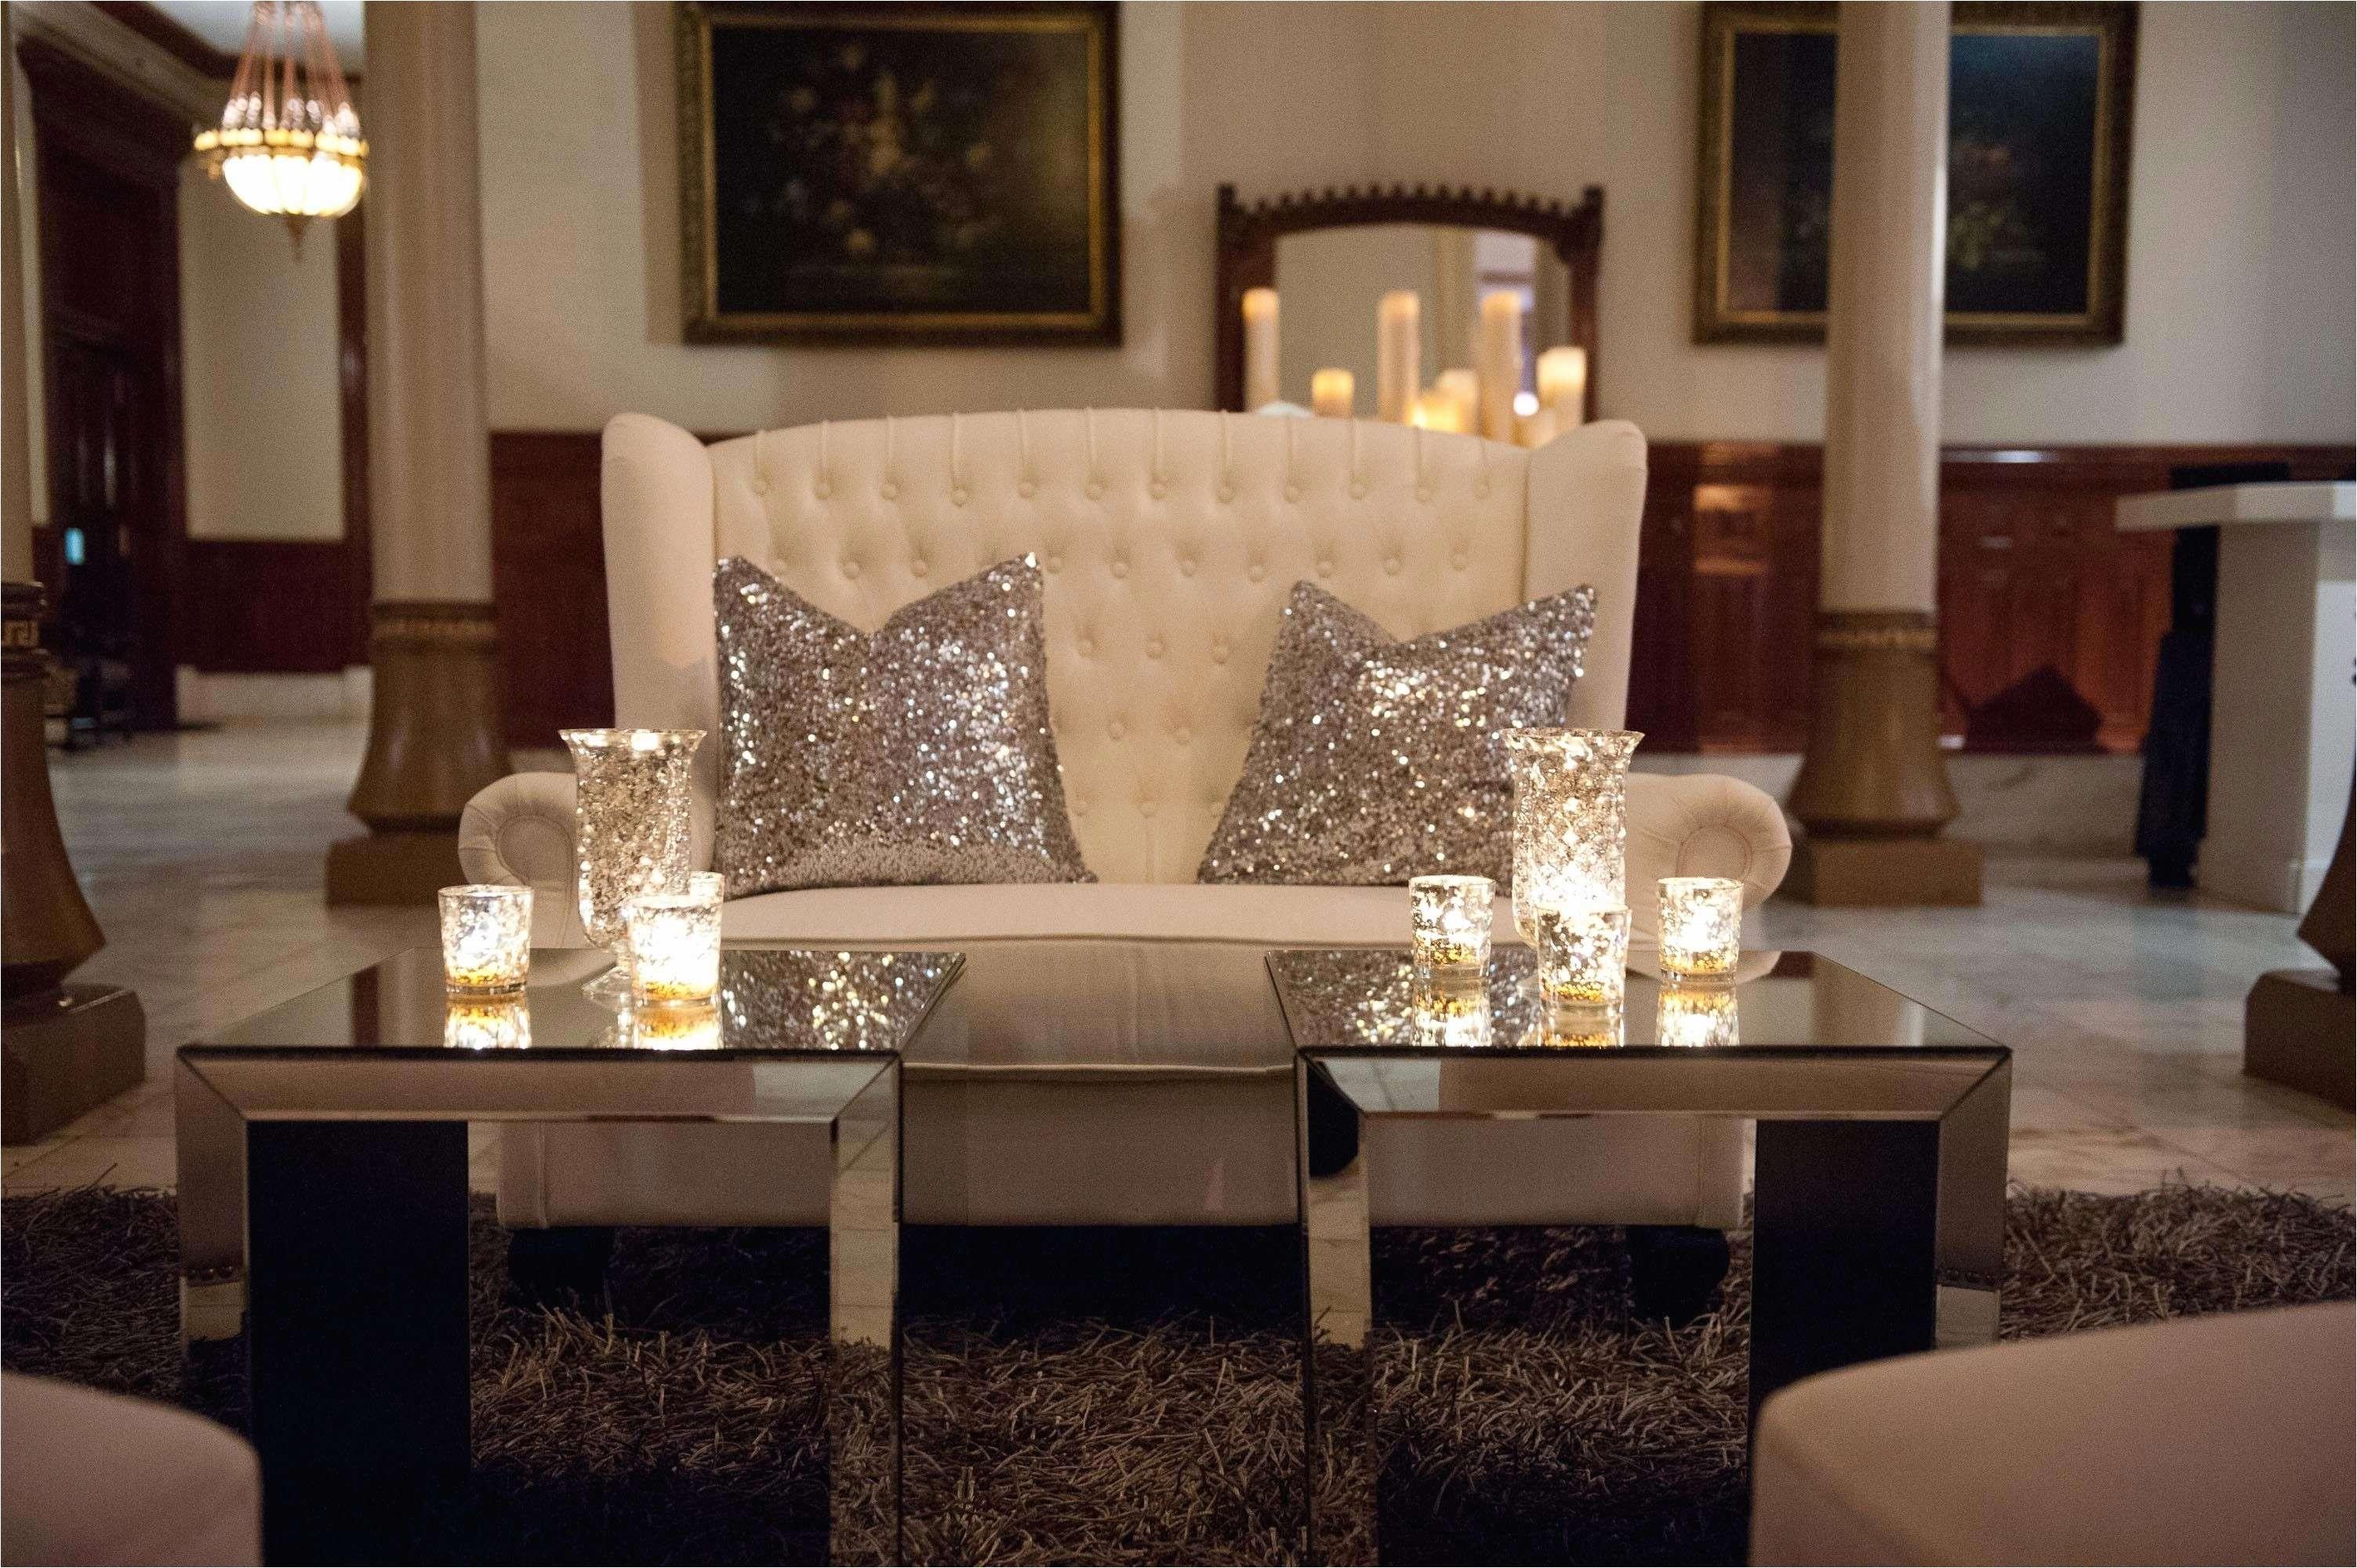 Living Room Ideas Color Schemes Wondrous Bedroom Decorating Color Schemes Tree Home Decor Elegant Decor Nest